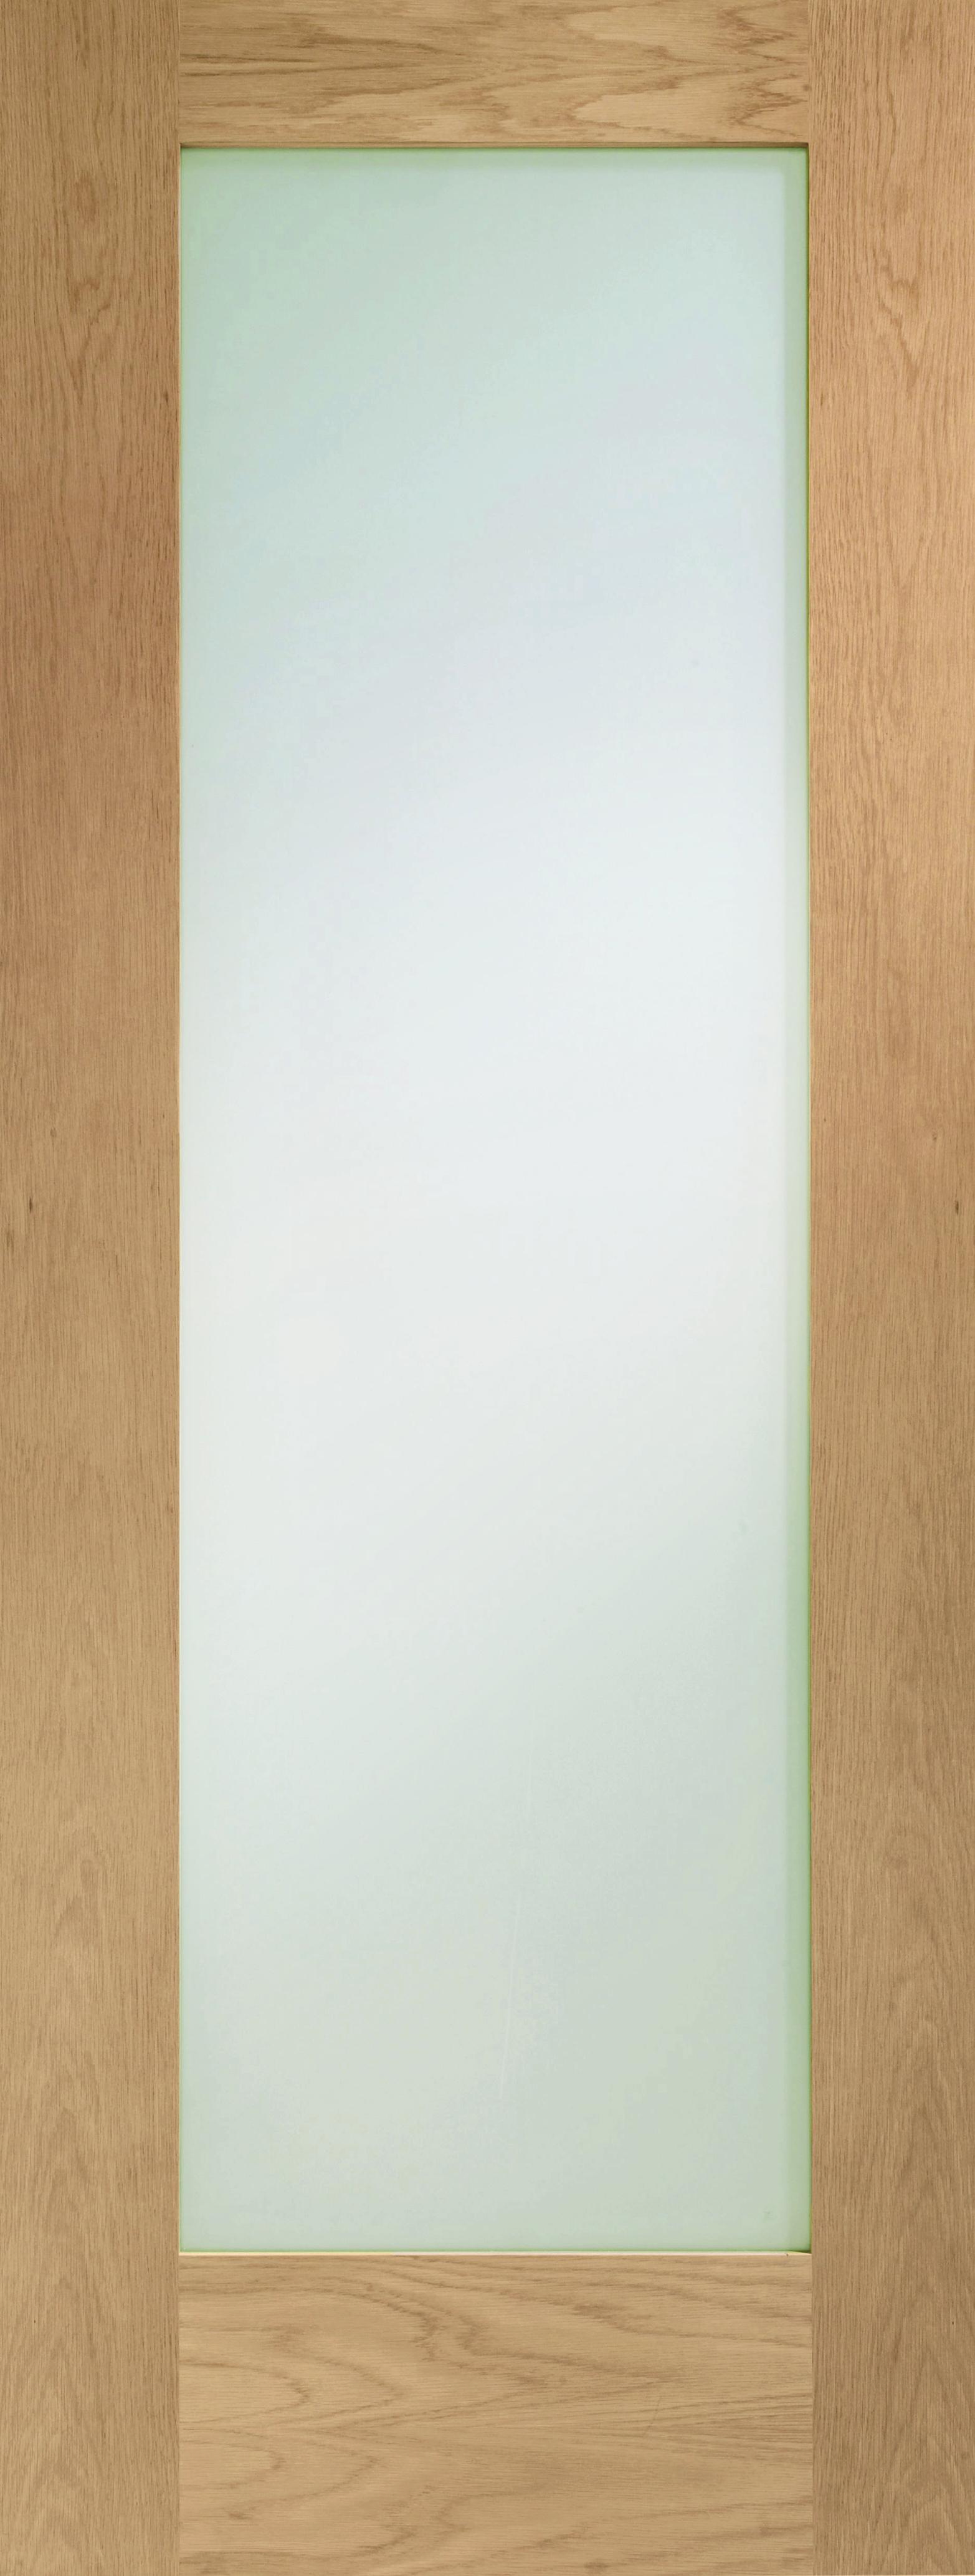 Oak Pattern 10 Clear Glazed.jpg